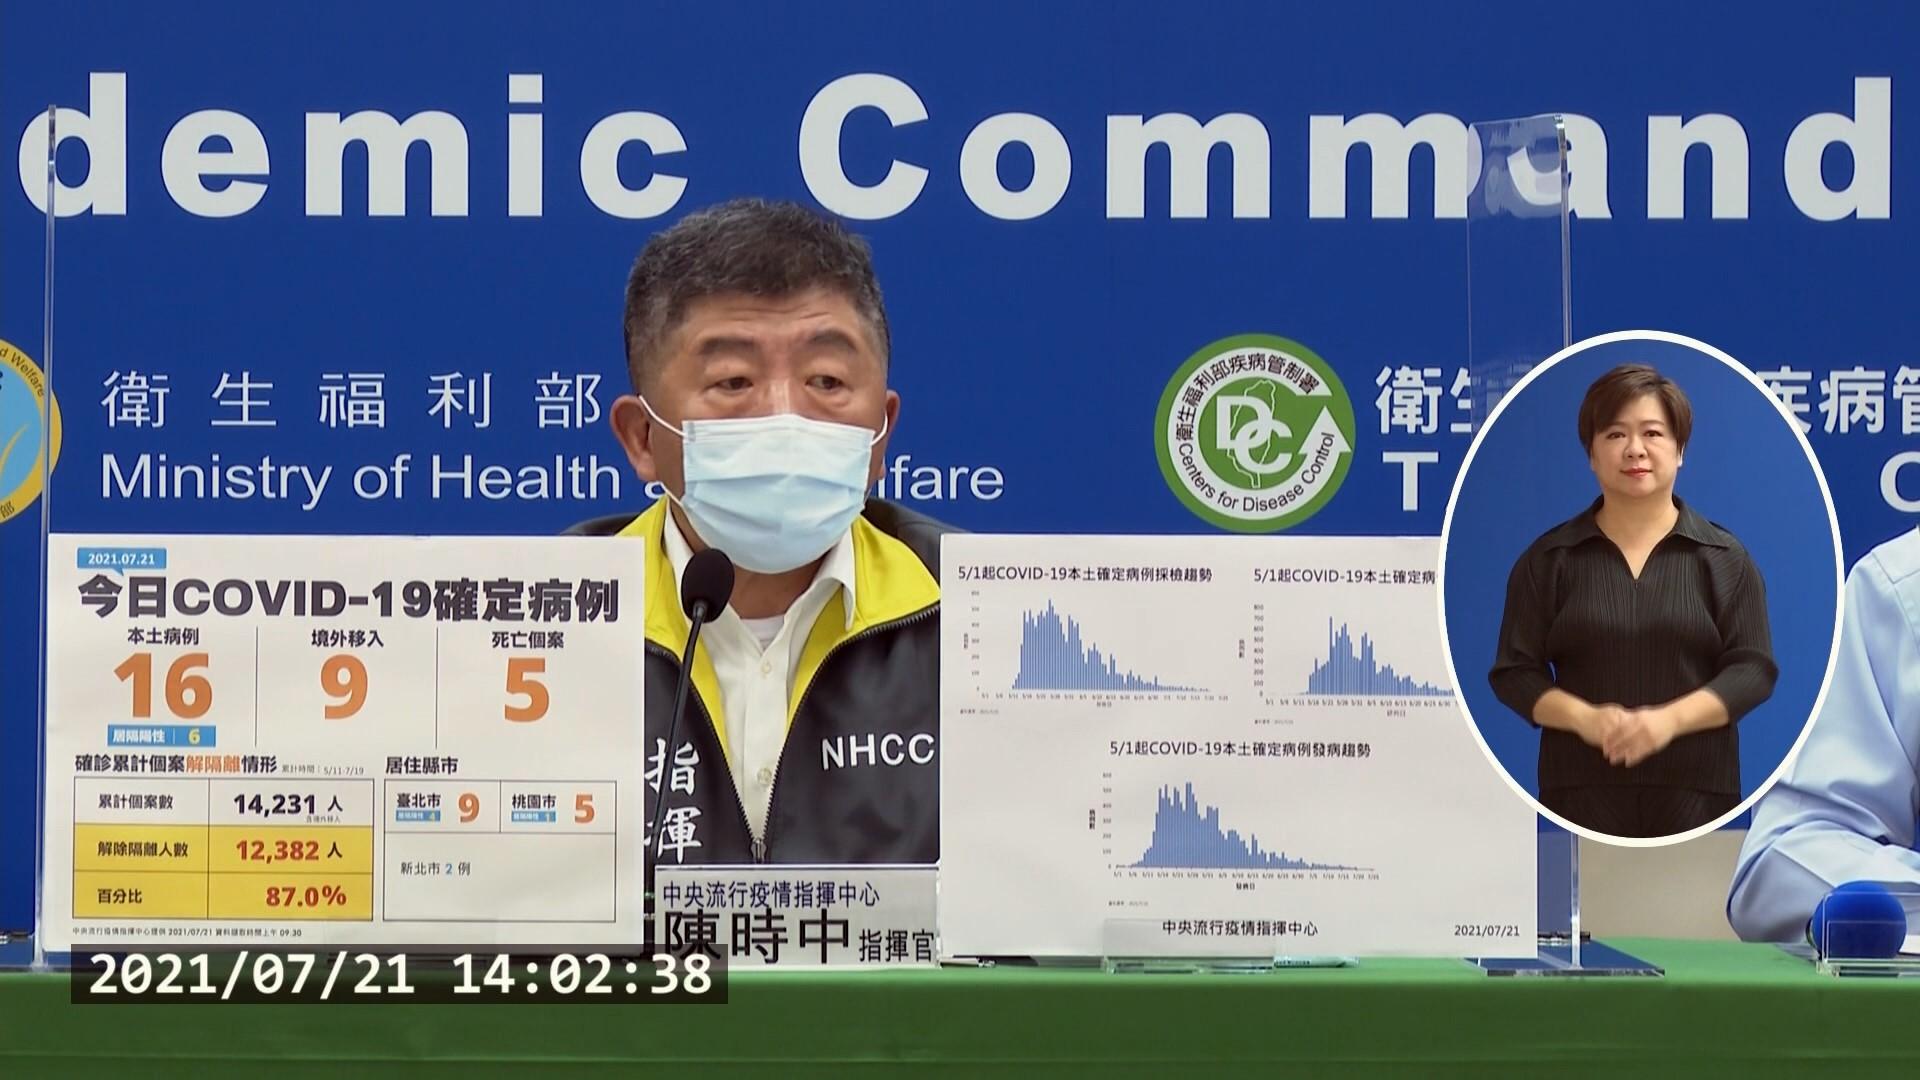 21 ก.ค. ไต้หวันมีผู้ป่วยยืนยันใน ปท.เพิ่มใหม่ 16 ราย จาก ตปท. 9 ราย